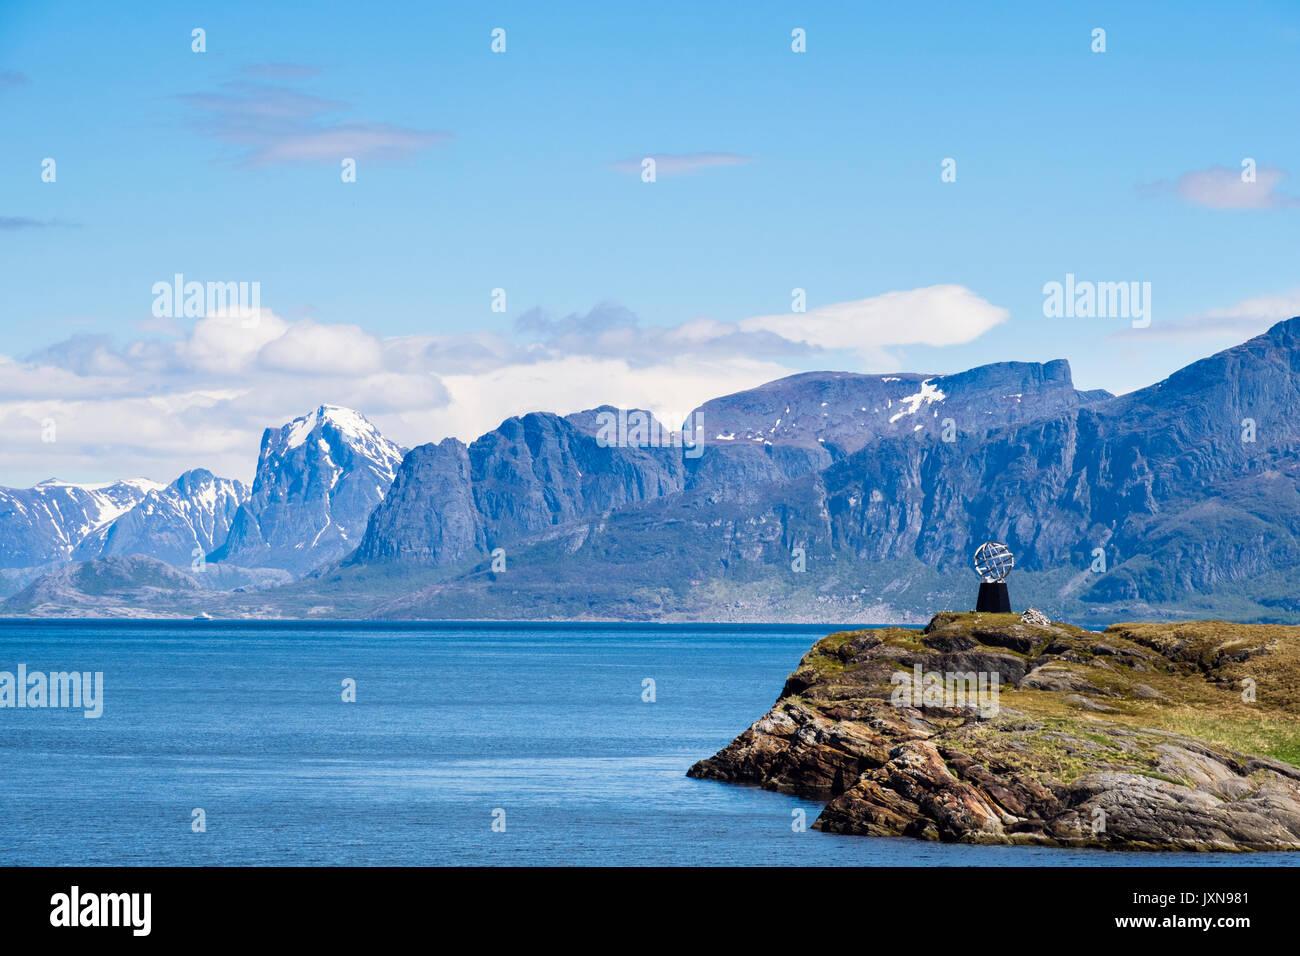 Circolo Polare Artico monumento scultura globo sull isola di Vikingen, Rødøy comune, Nordland, Norvegia, Scandinavia, Europa. Mefjorden Immagini Stock